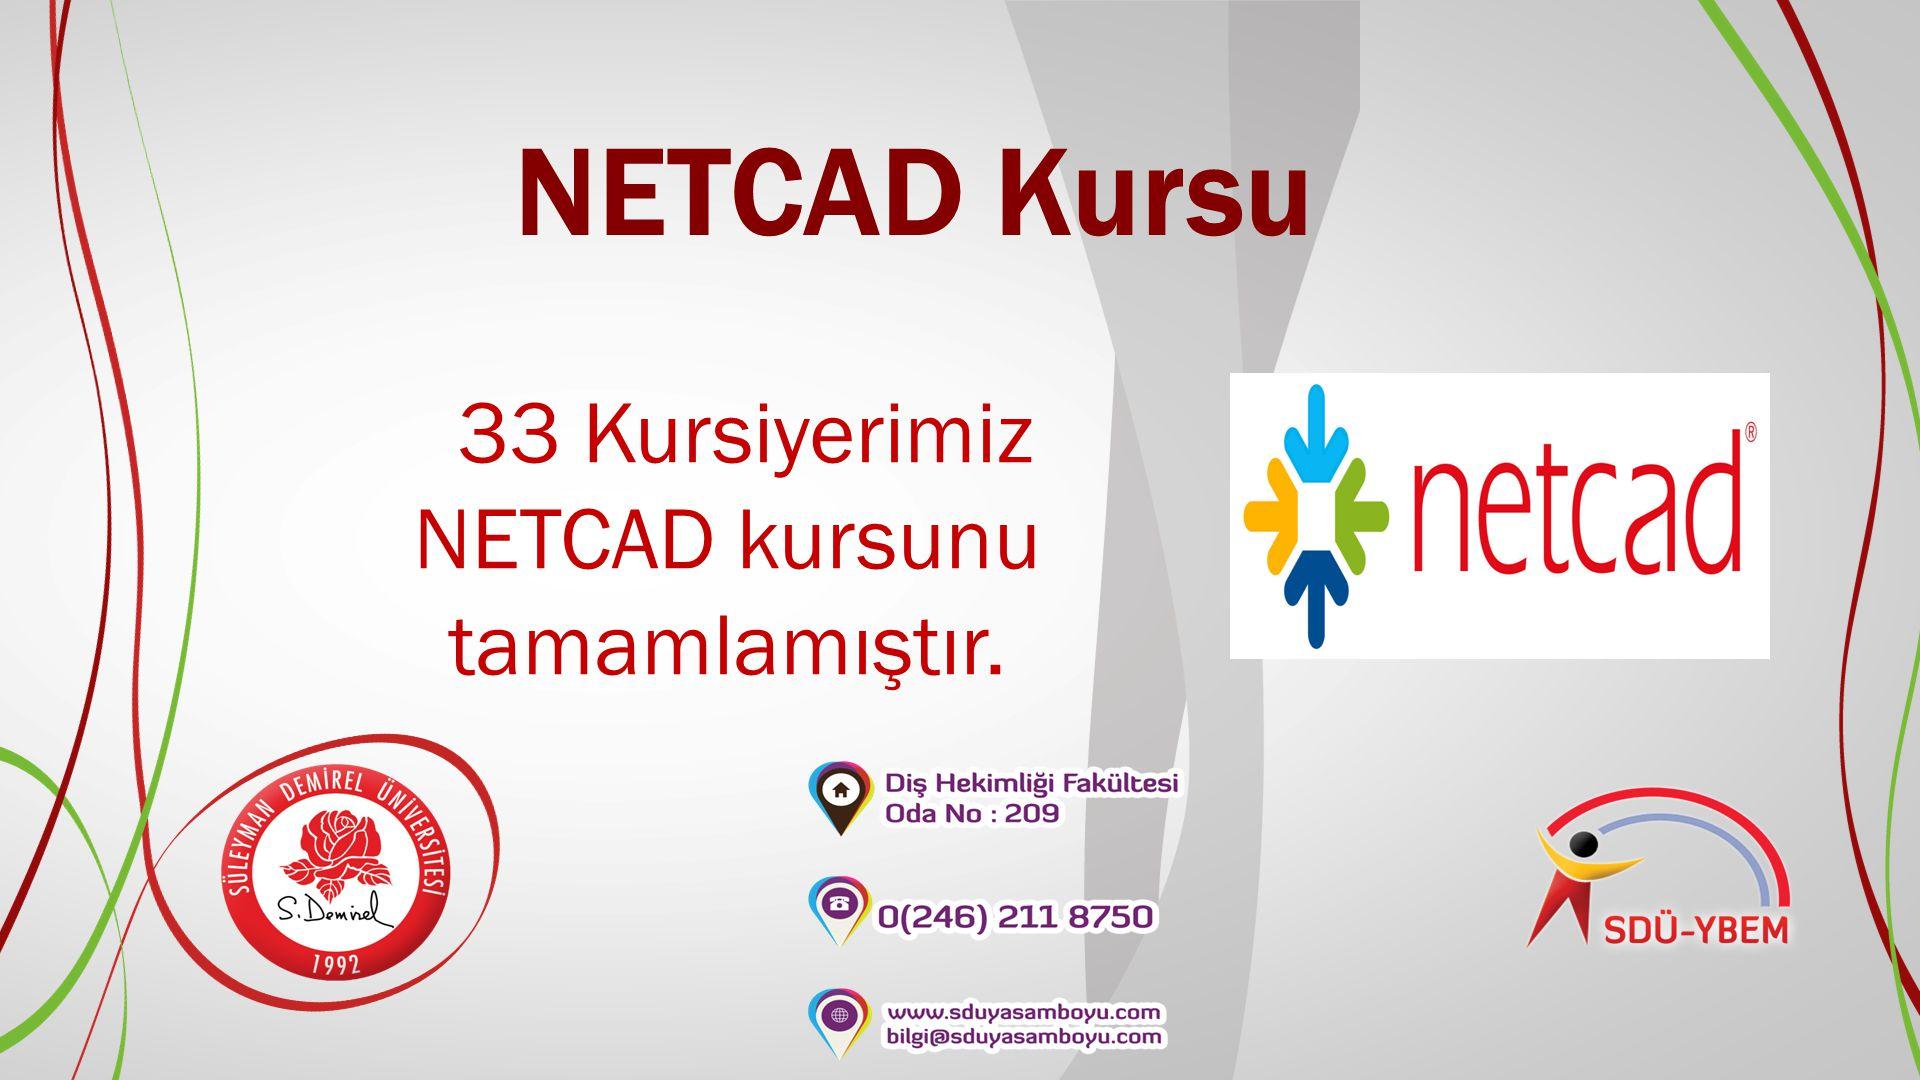 33 Kursiyerimiz NETCAD kursunu tamamlamıştır.